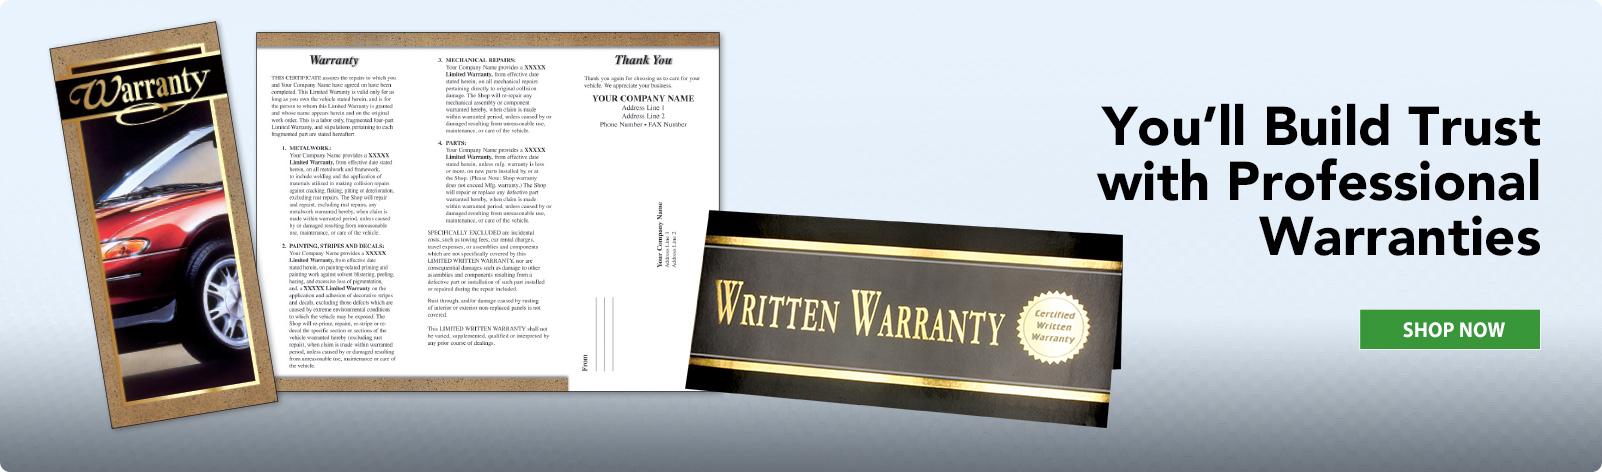 Written Warranty